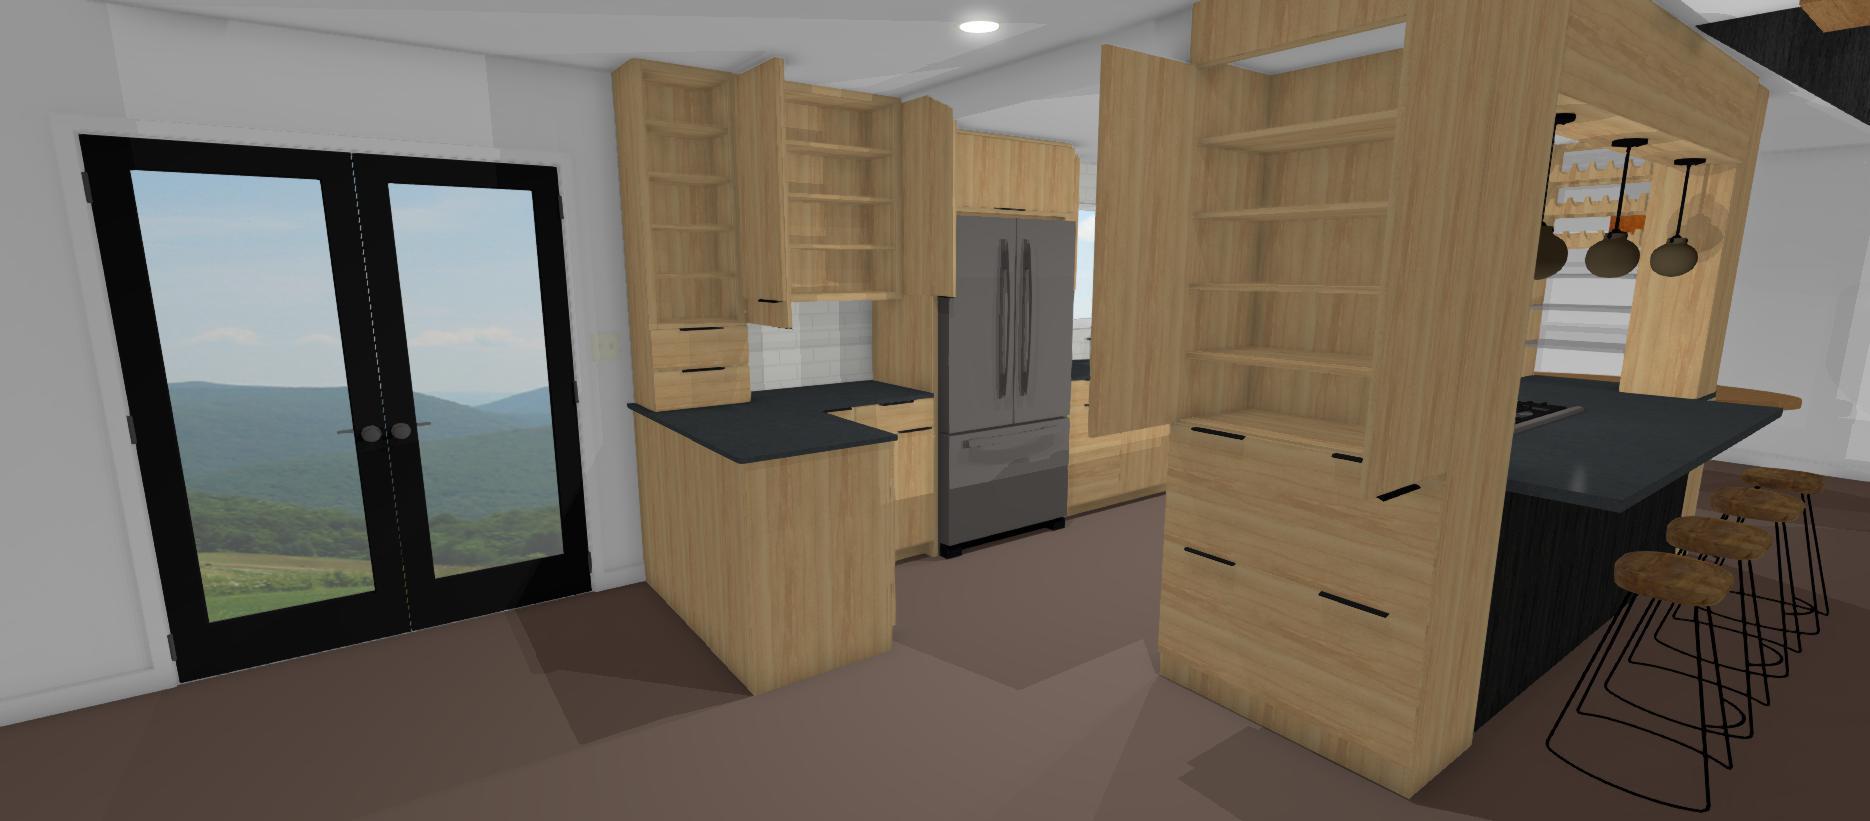 v4 Meadowood Kitchen - Render 5 copy.jpg